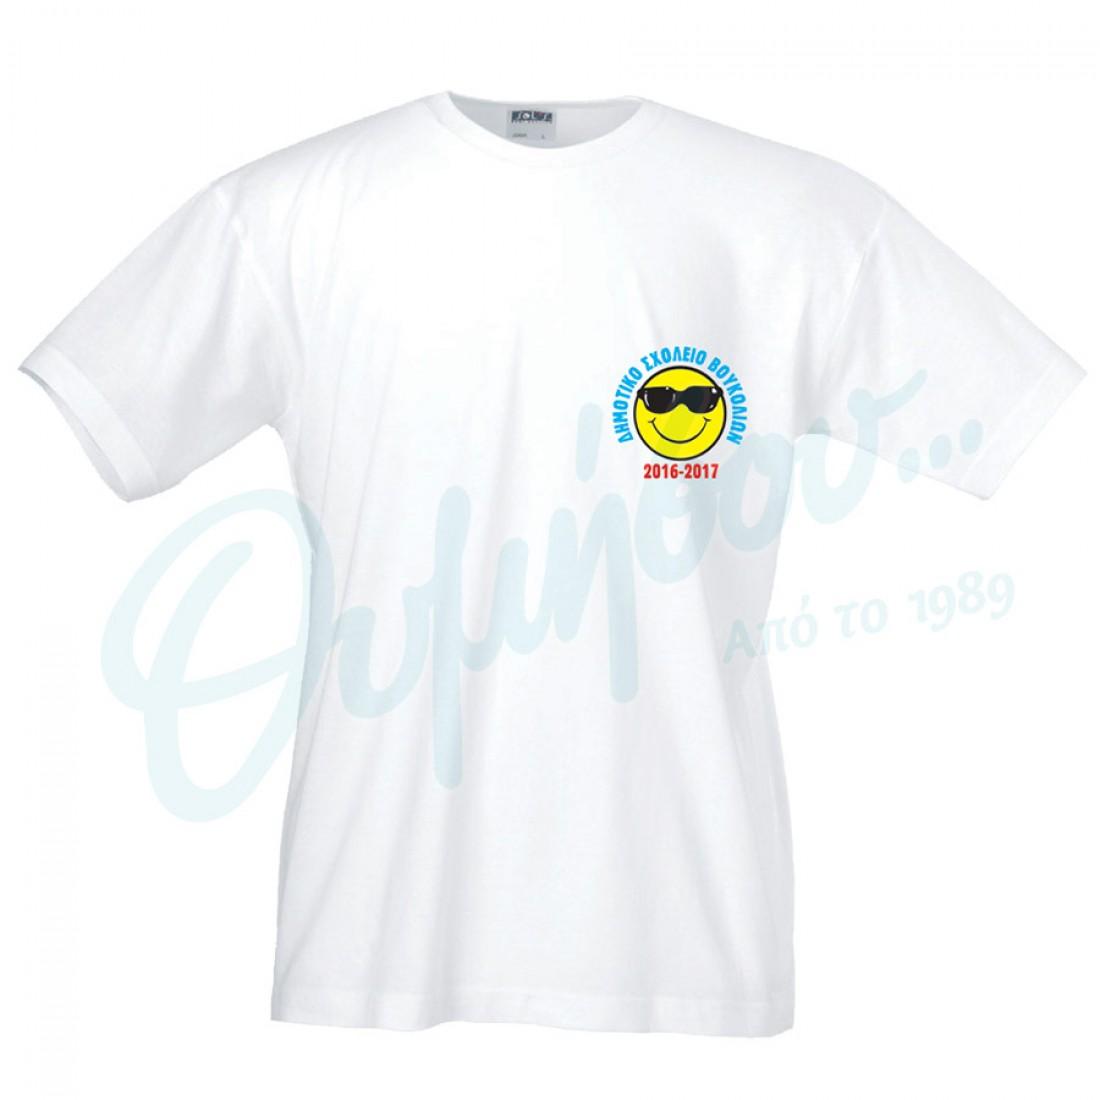 9476b35b3aa1 Λευκό μπλουζάκι με έγχρωμη εκτύπωση μικρού μεγέθους TM001 thimisou.gr